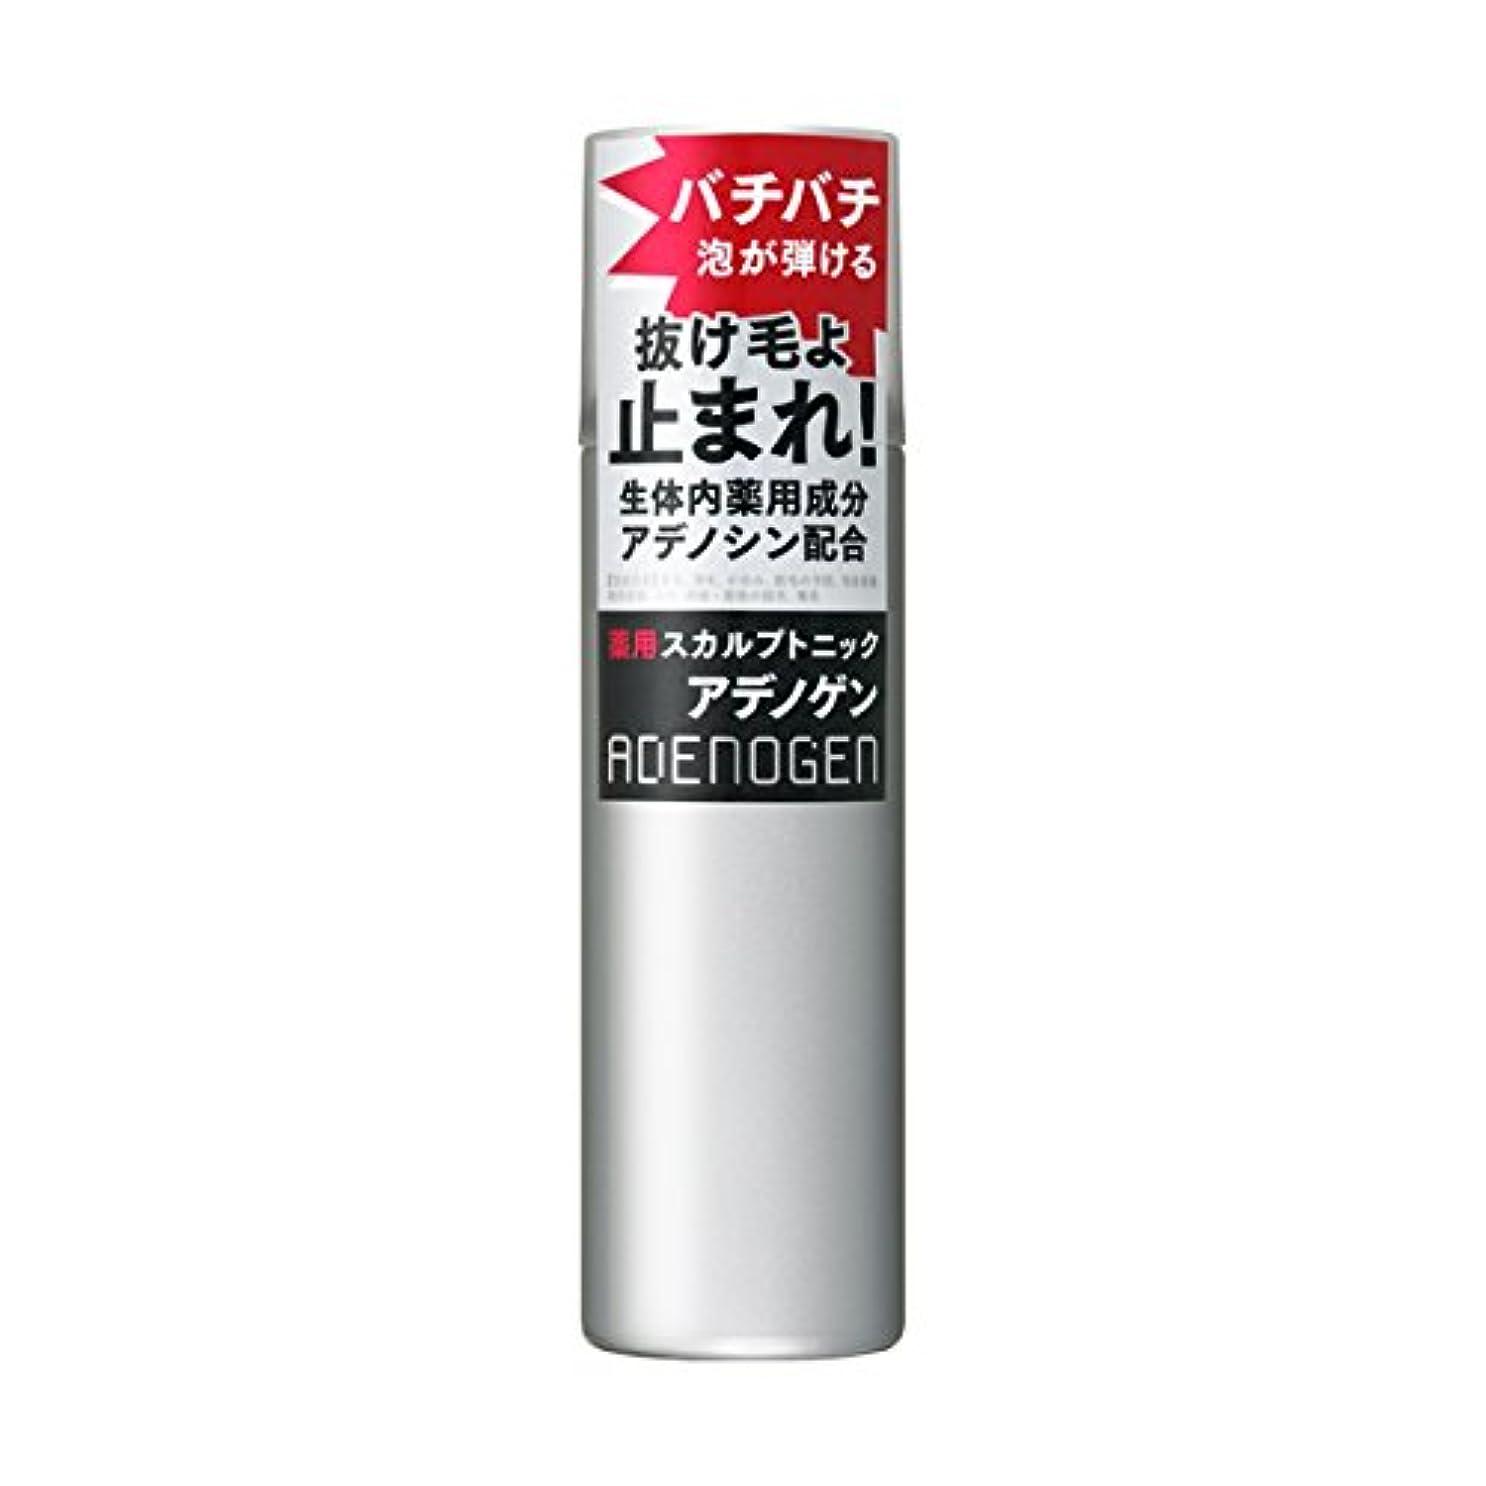 まあキノコステンレスアデノゲン 薬用スカルプトニック 130g 【医薬部外品】